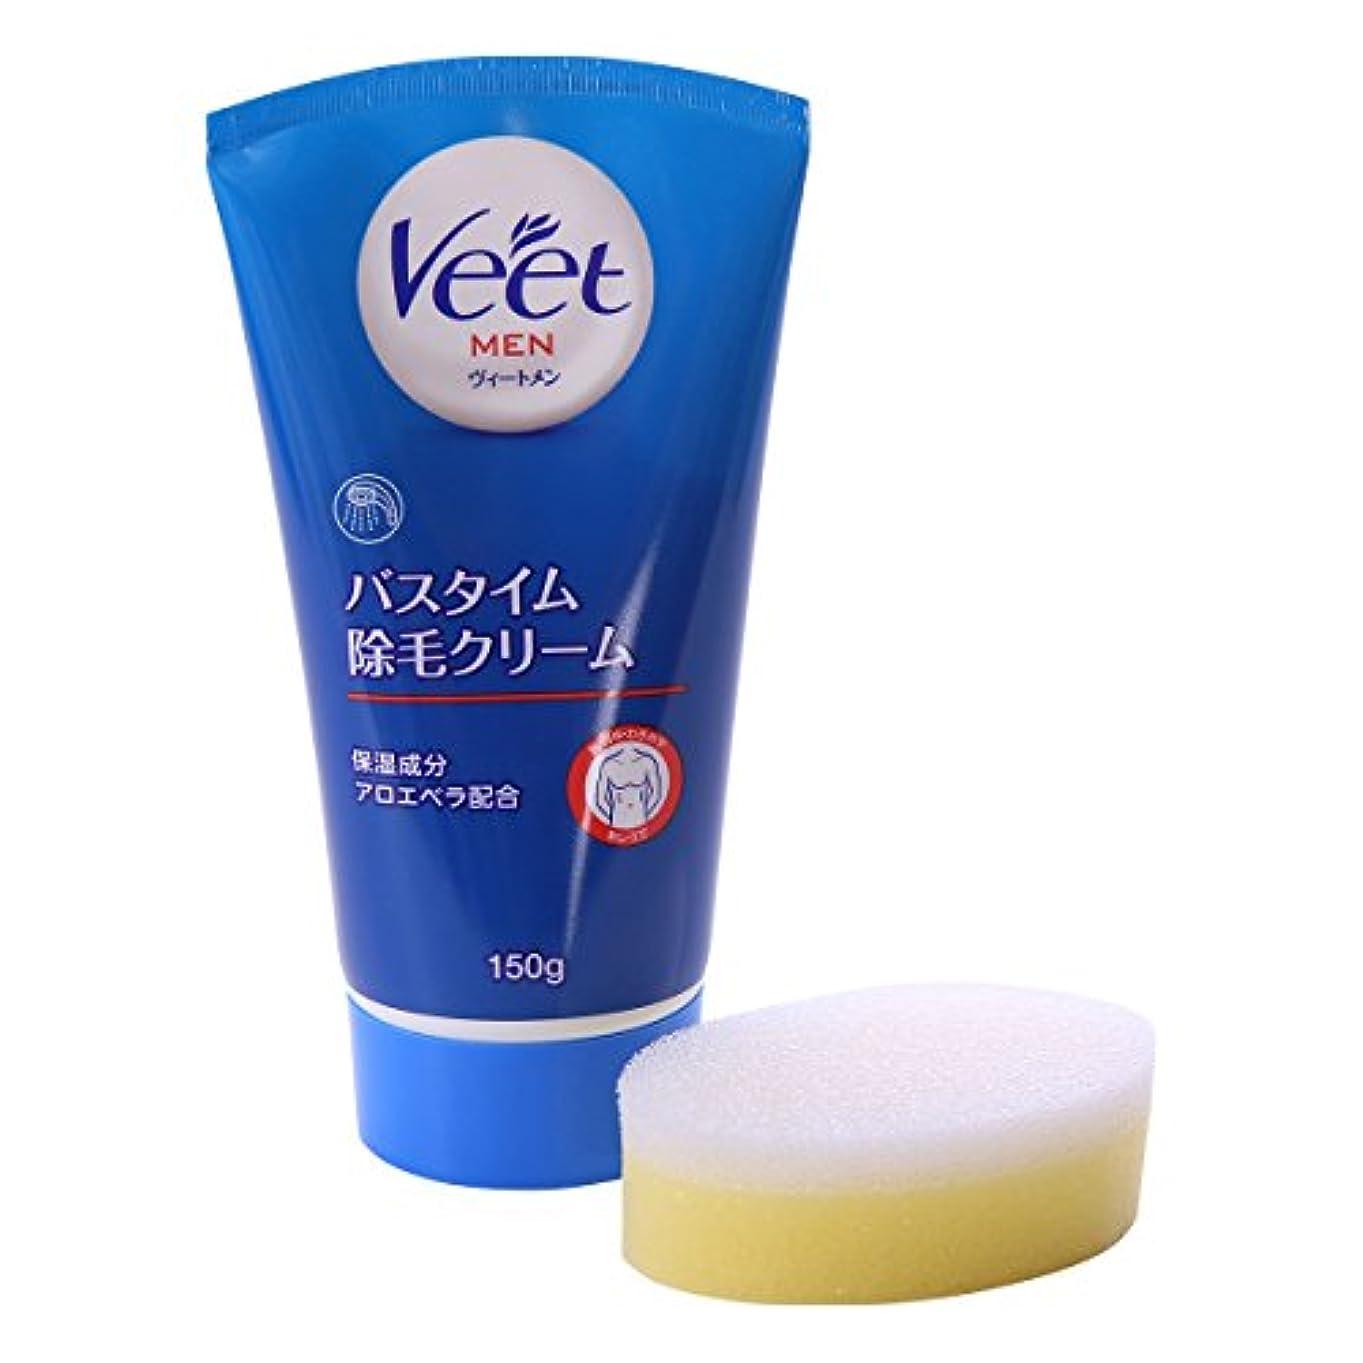 ポルティコオレンジ露(ヴィート)Veet メンズ バスタイム 除毛クリーム あし うで 胸 背中 わきの下